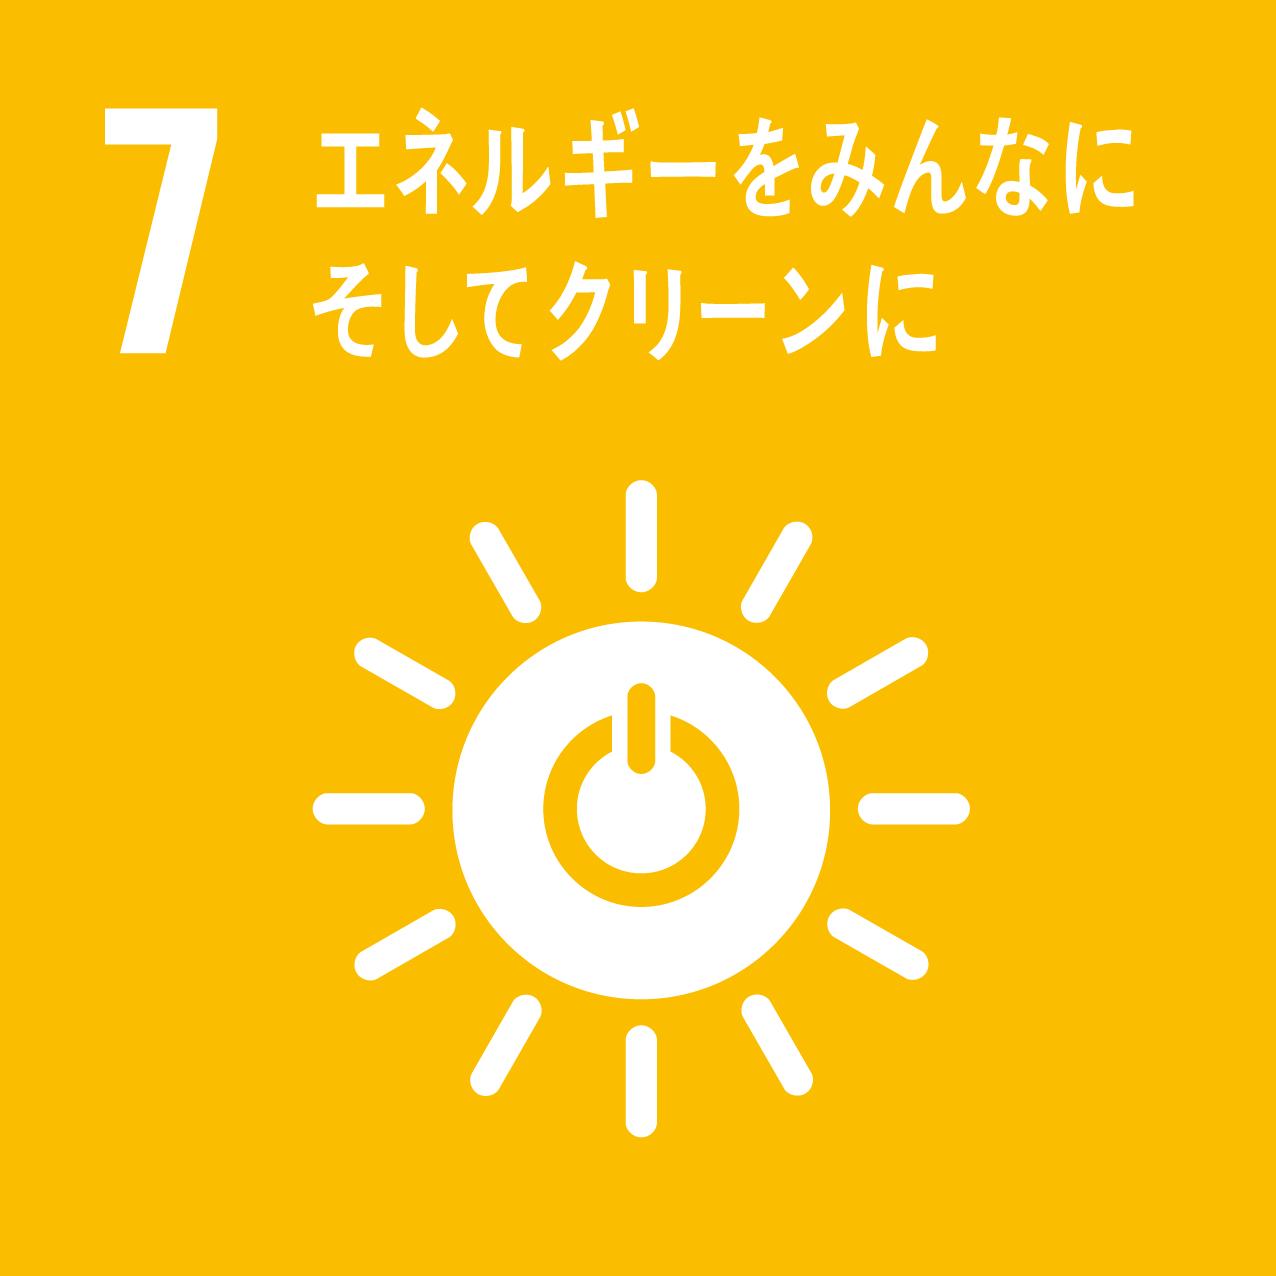 7:エネルギーをみんなにそしてクリーンに